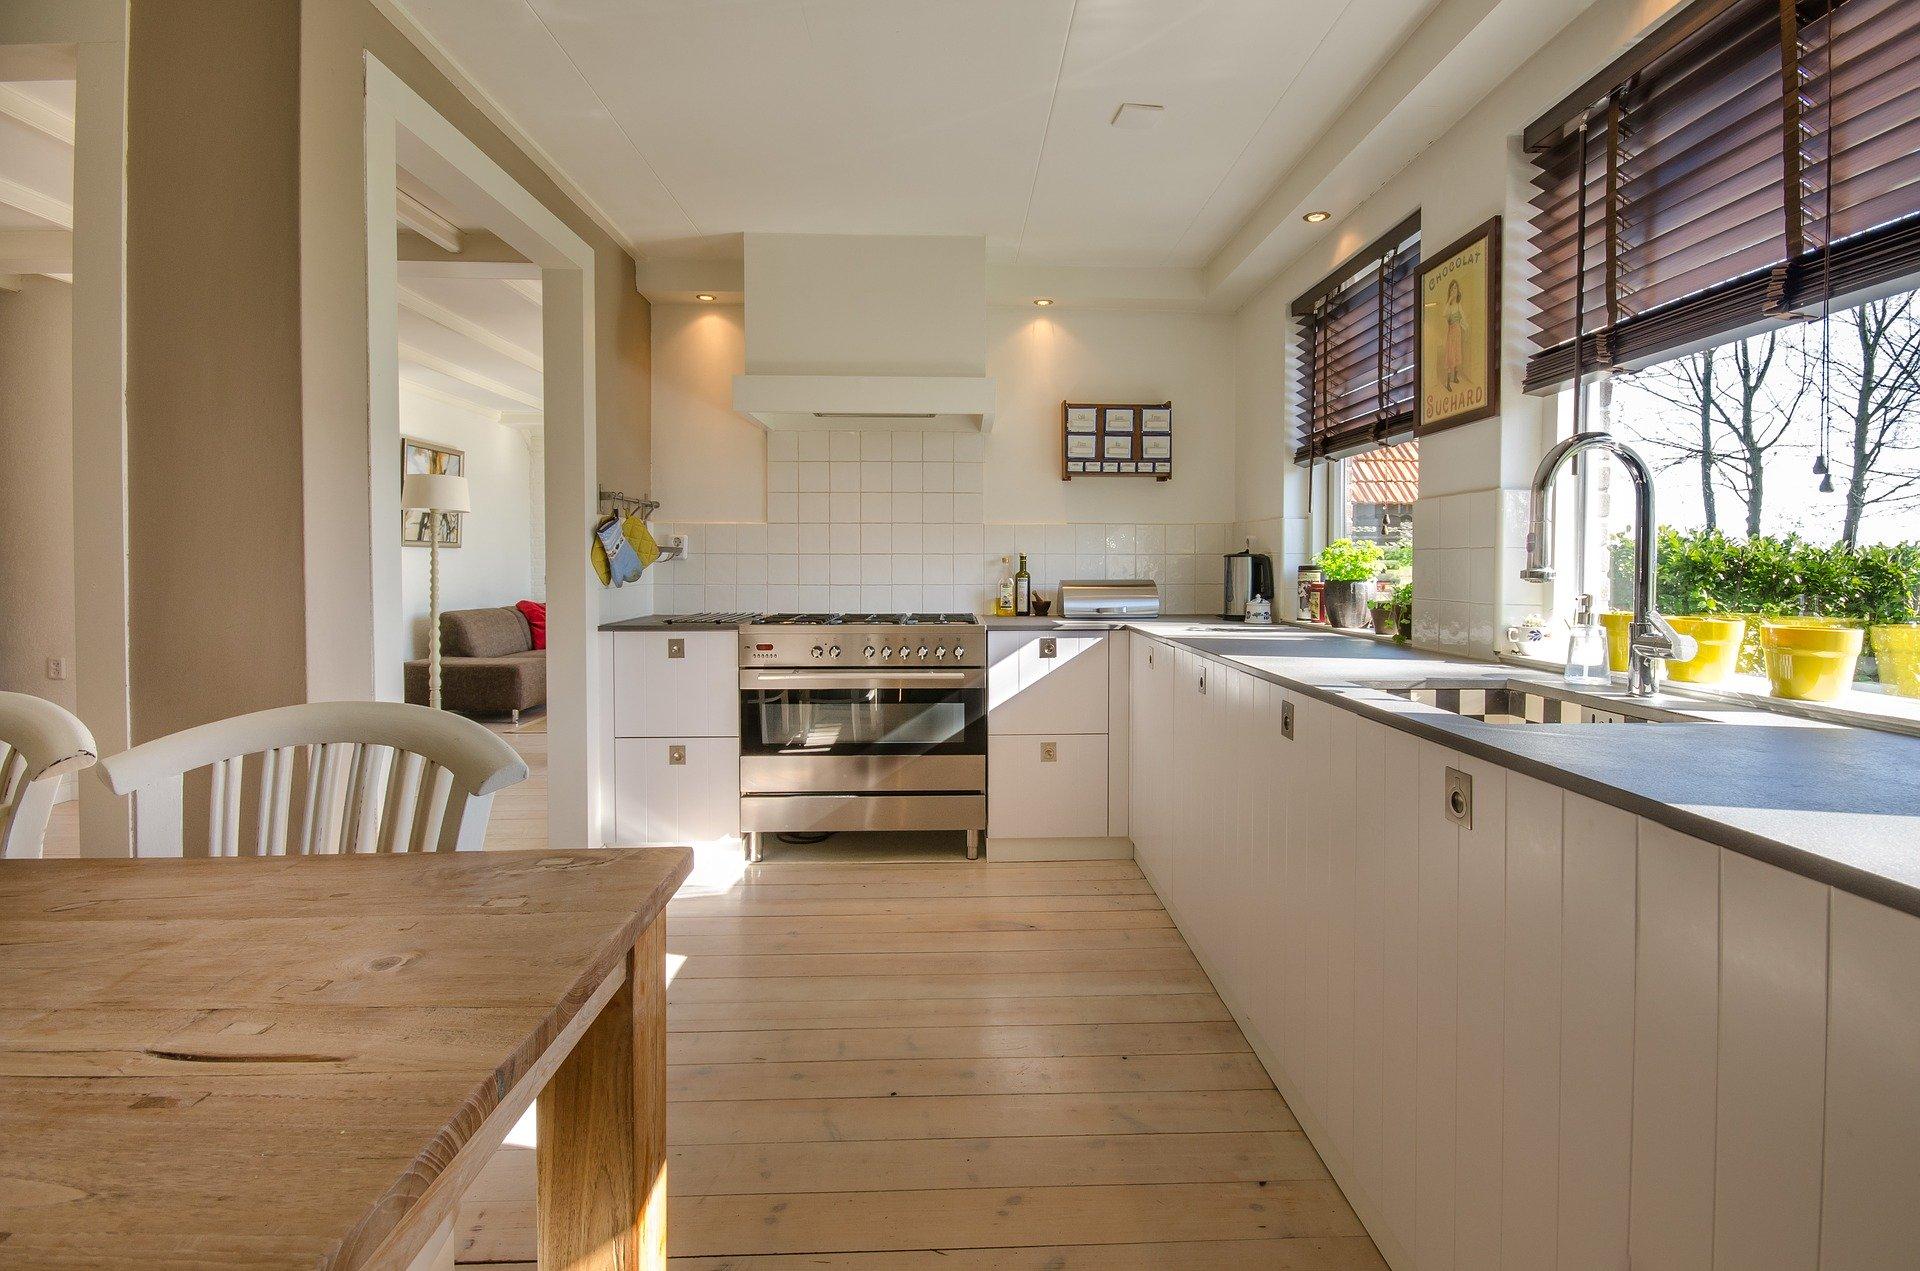 kitchen-2165756_1920 (1)